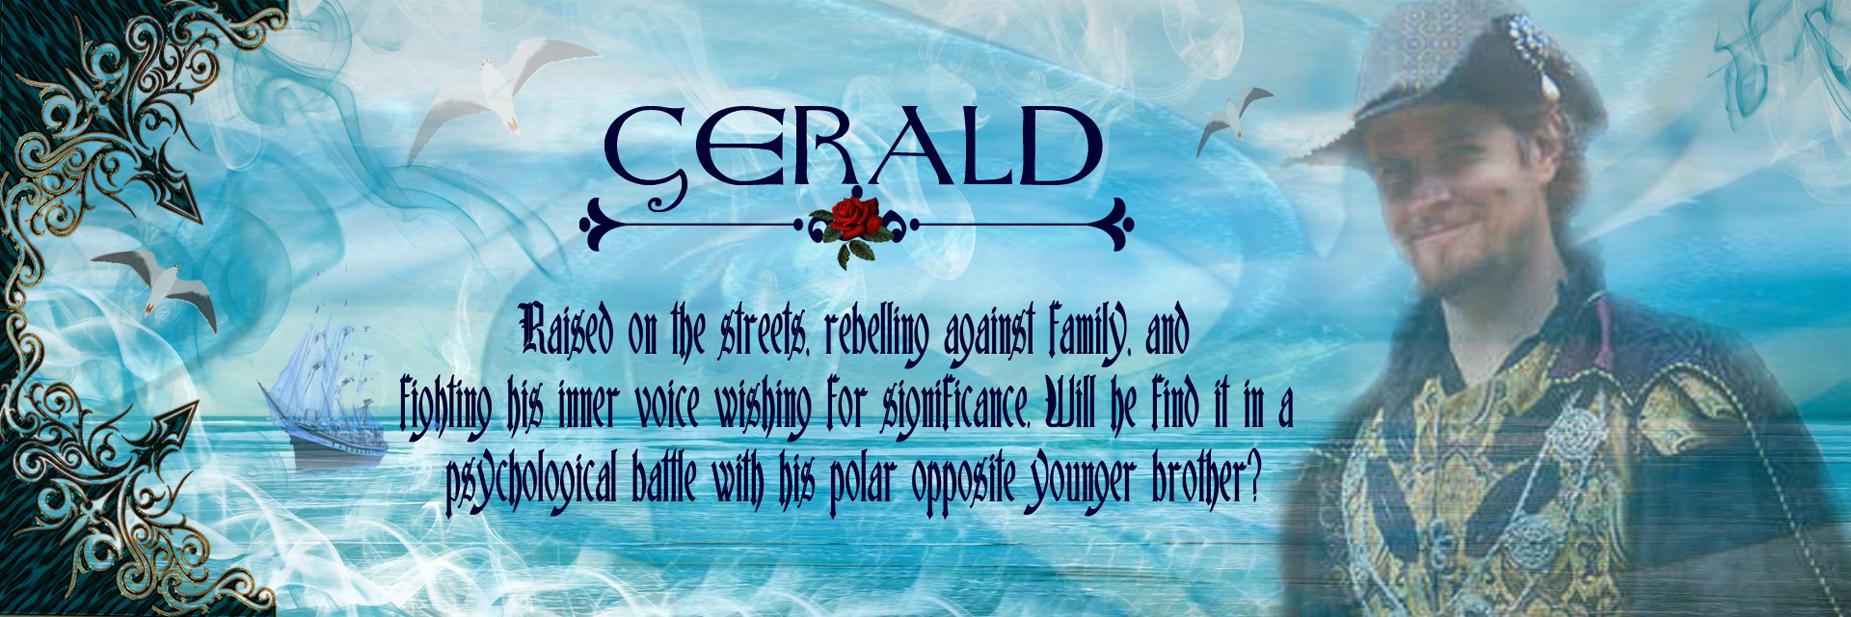 GeraldHeader I,James